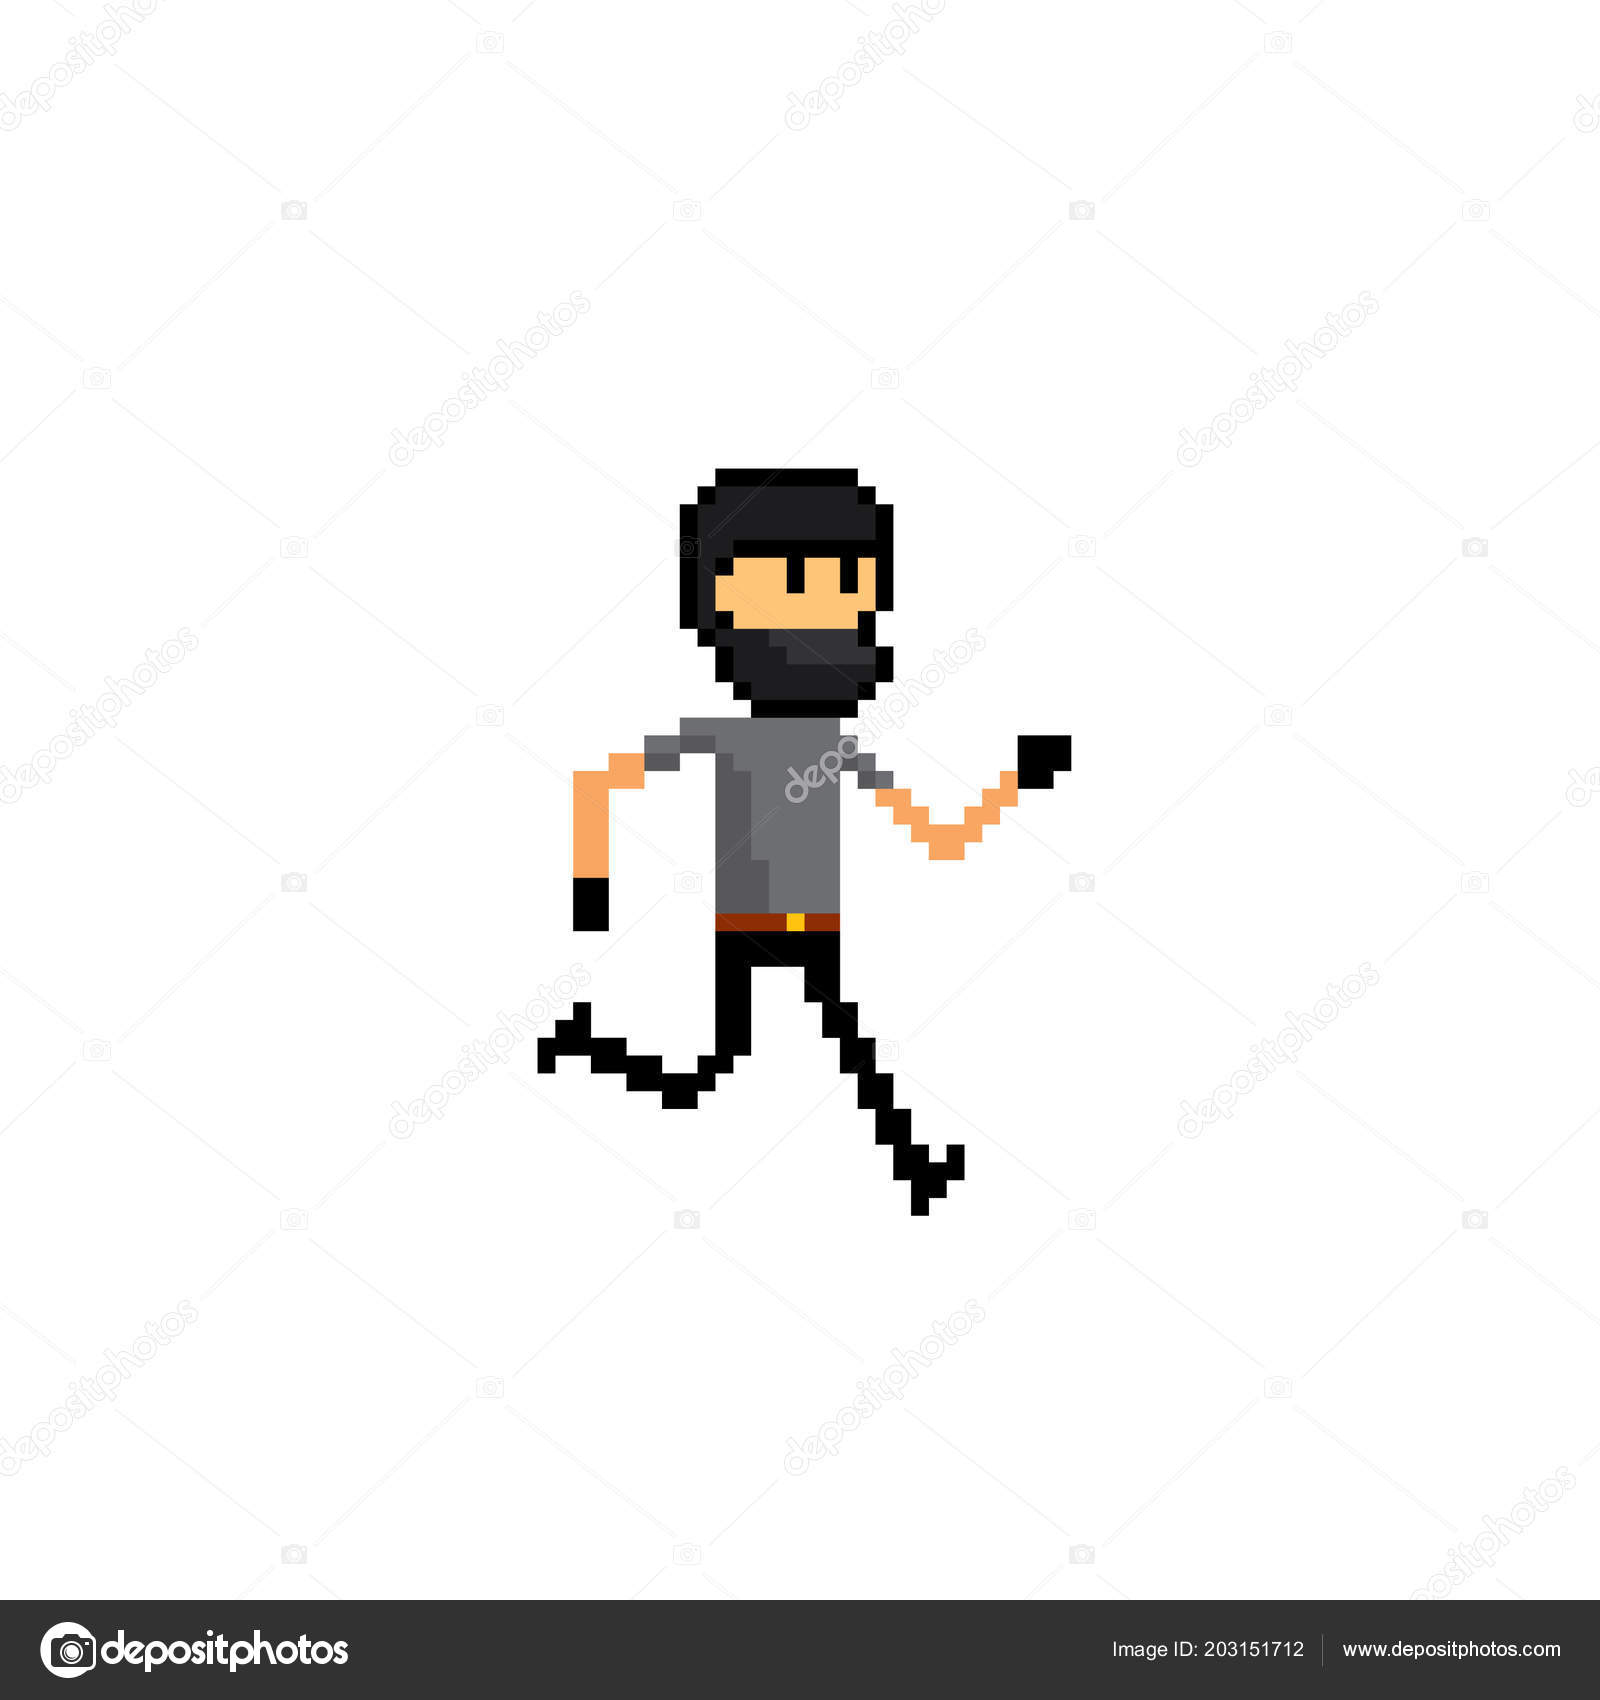 Thief Robber Pixel Art Old School Computer Graphic 8 Bit Video